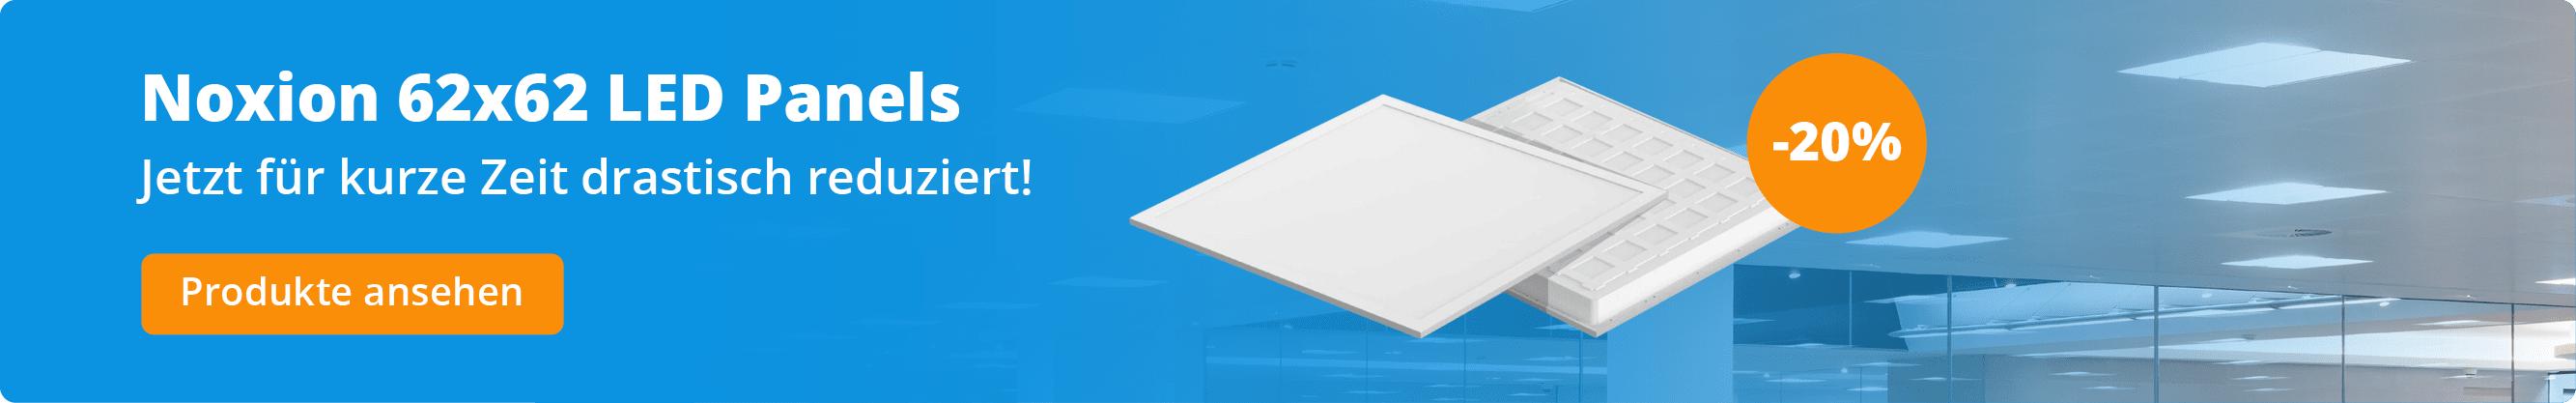 Noxion LED Panels 62x62